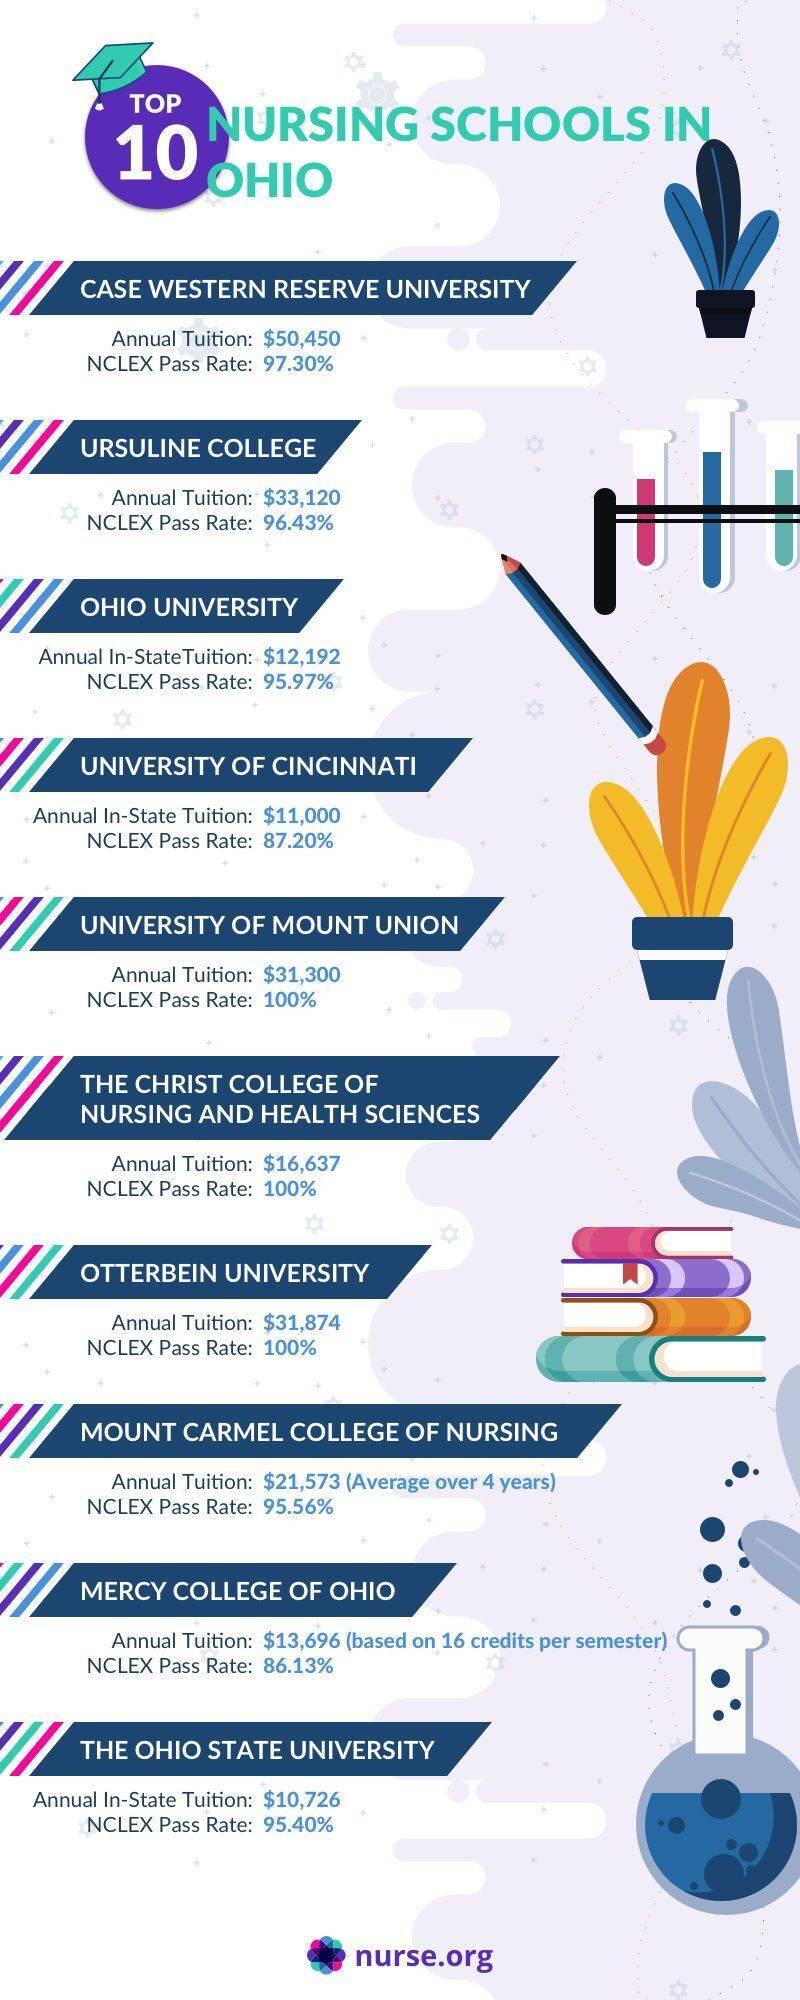 Infographic comparing the top nursing schools in Ohio